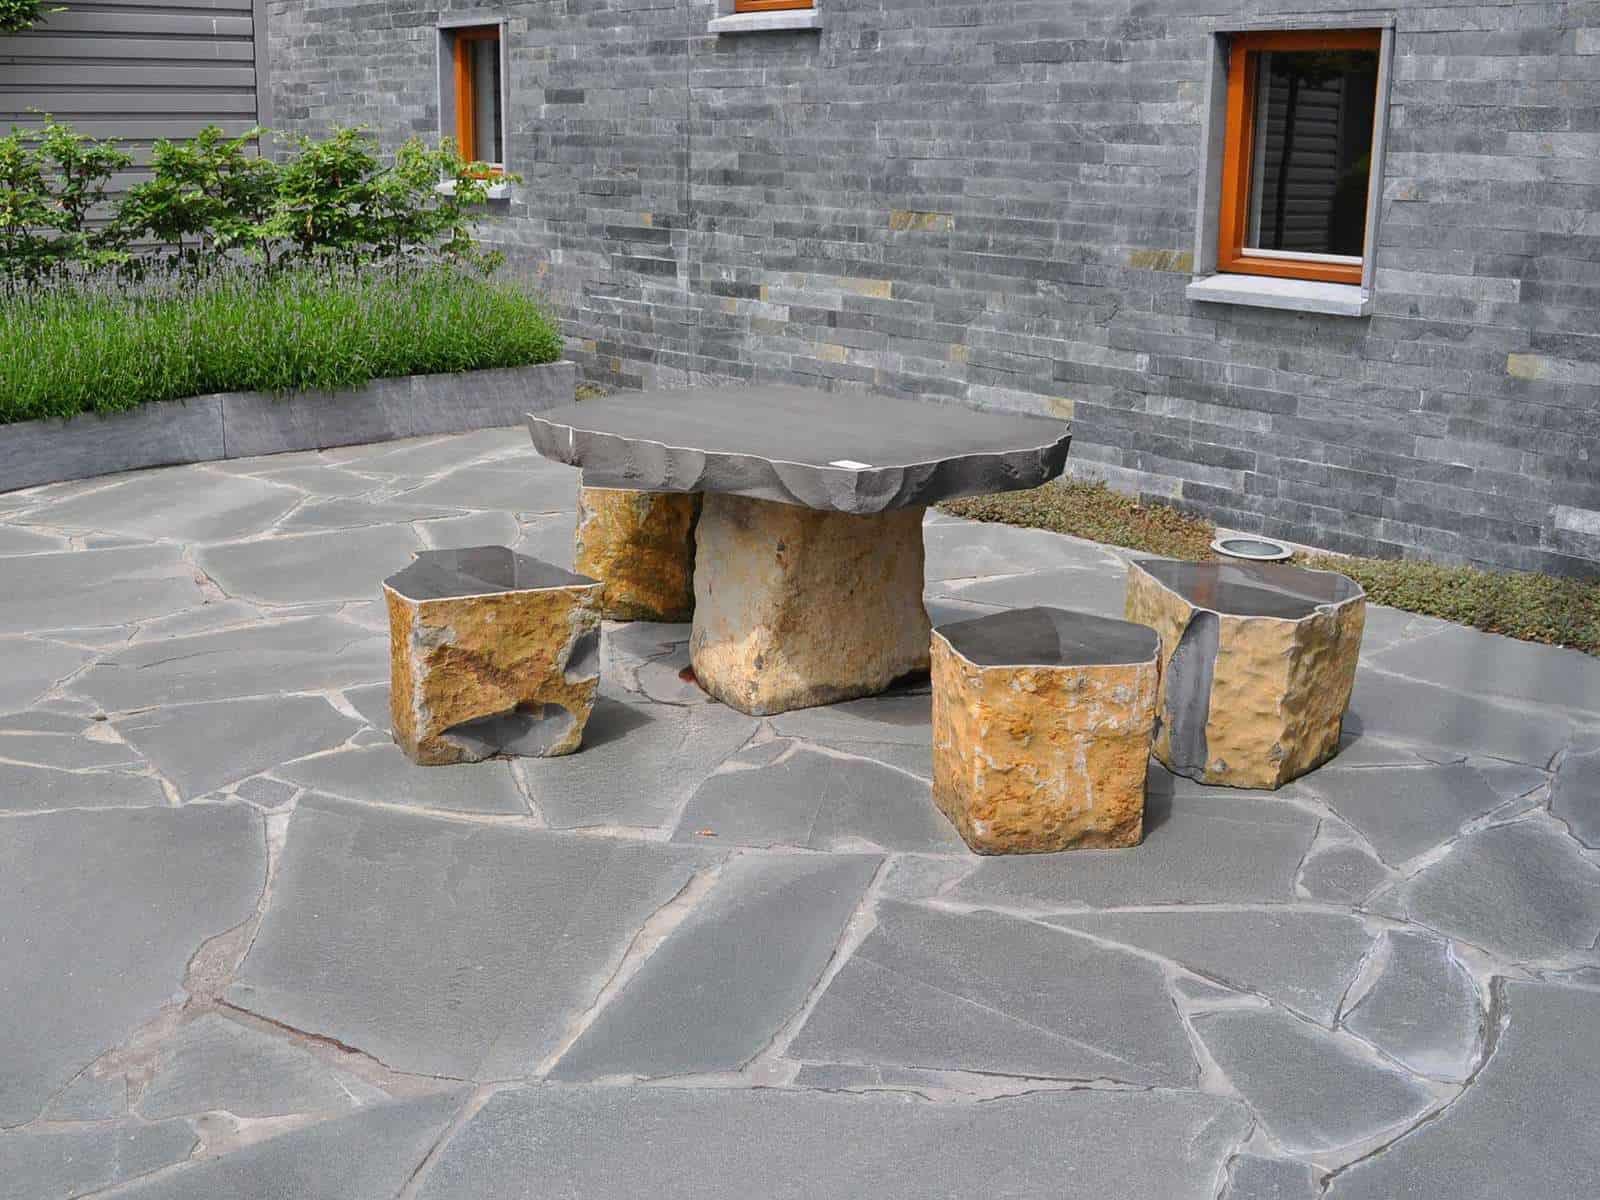 Terrasse mit großen Alta Quarzitplatten in Kombination mit Wandverblendern und einer Basalt Tischgruppe.